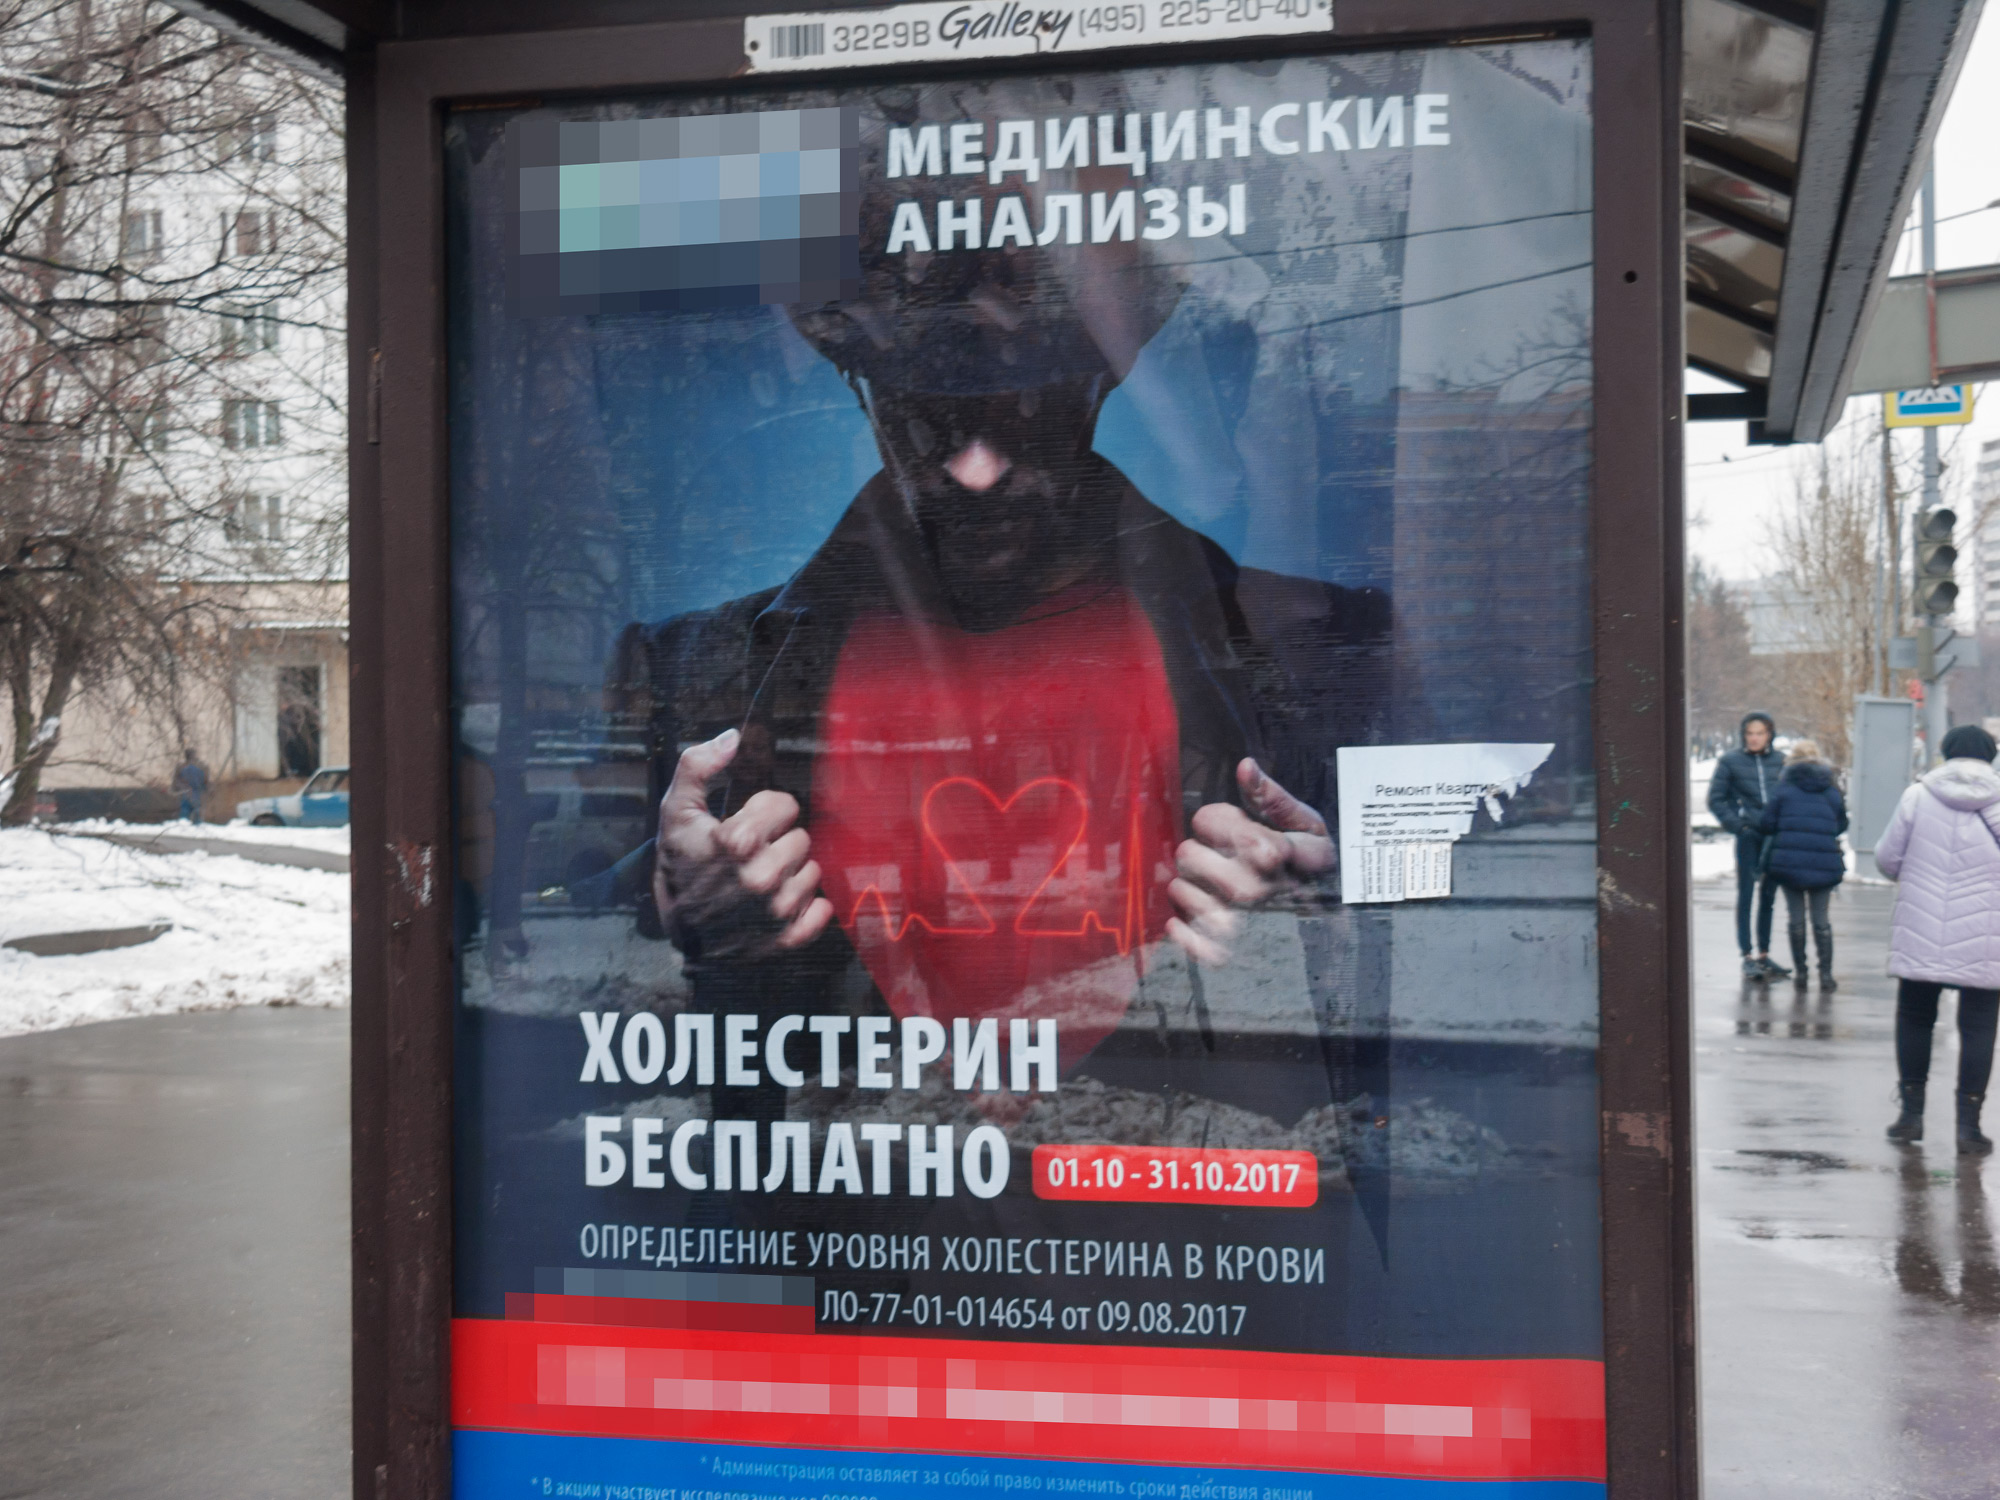 Рекламный постер на остановке